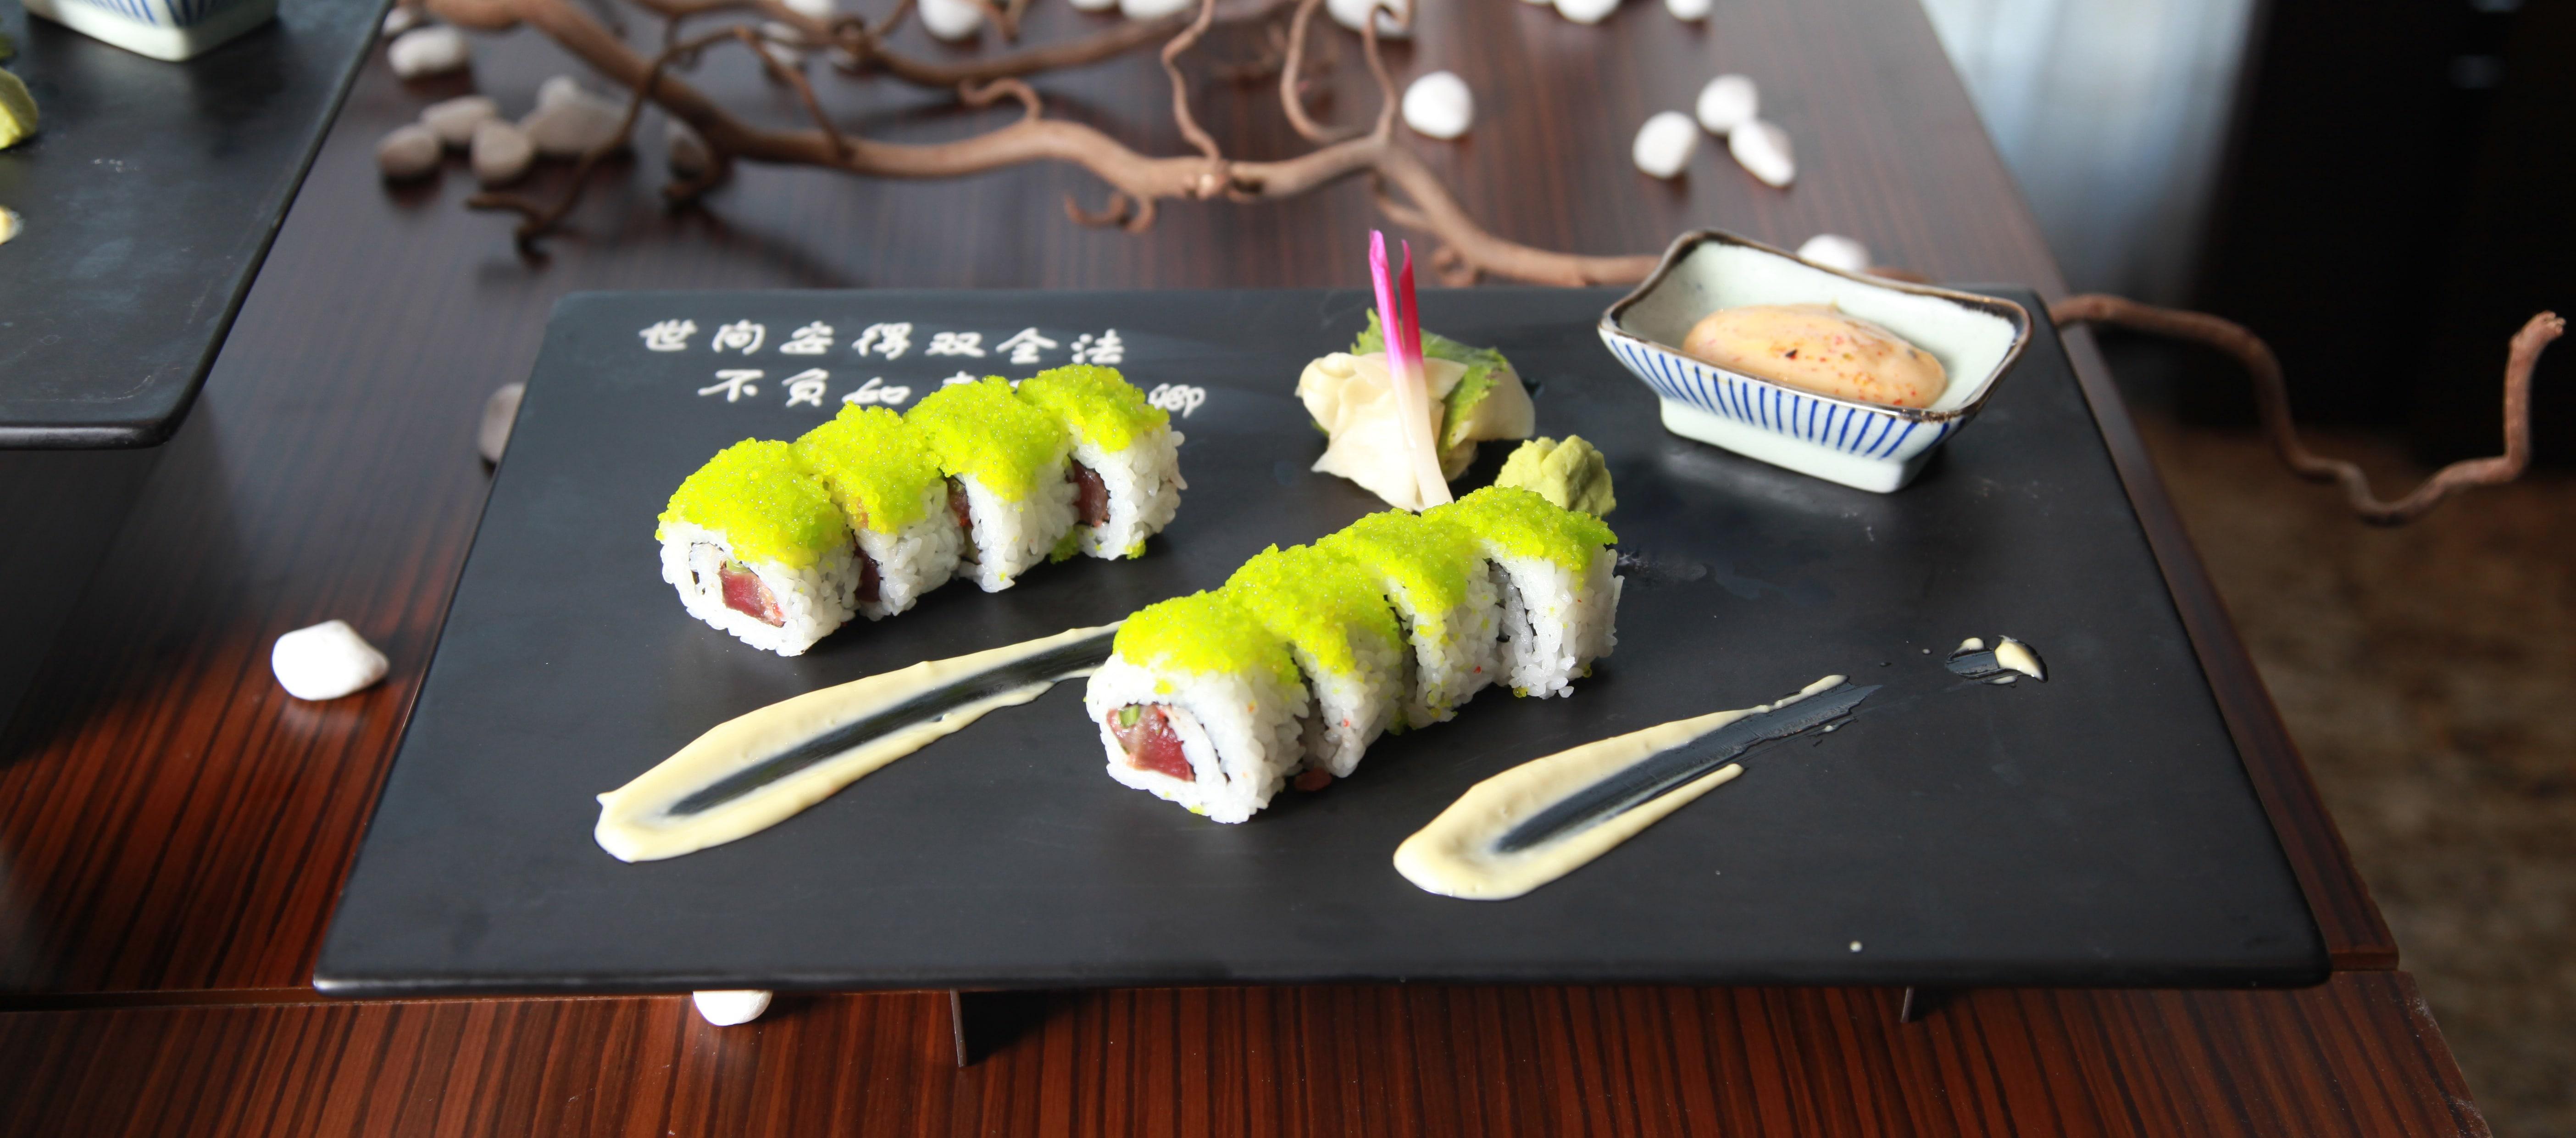 Во всем мире рекордно увеличилось количество японских ресторанов